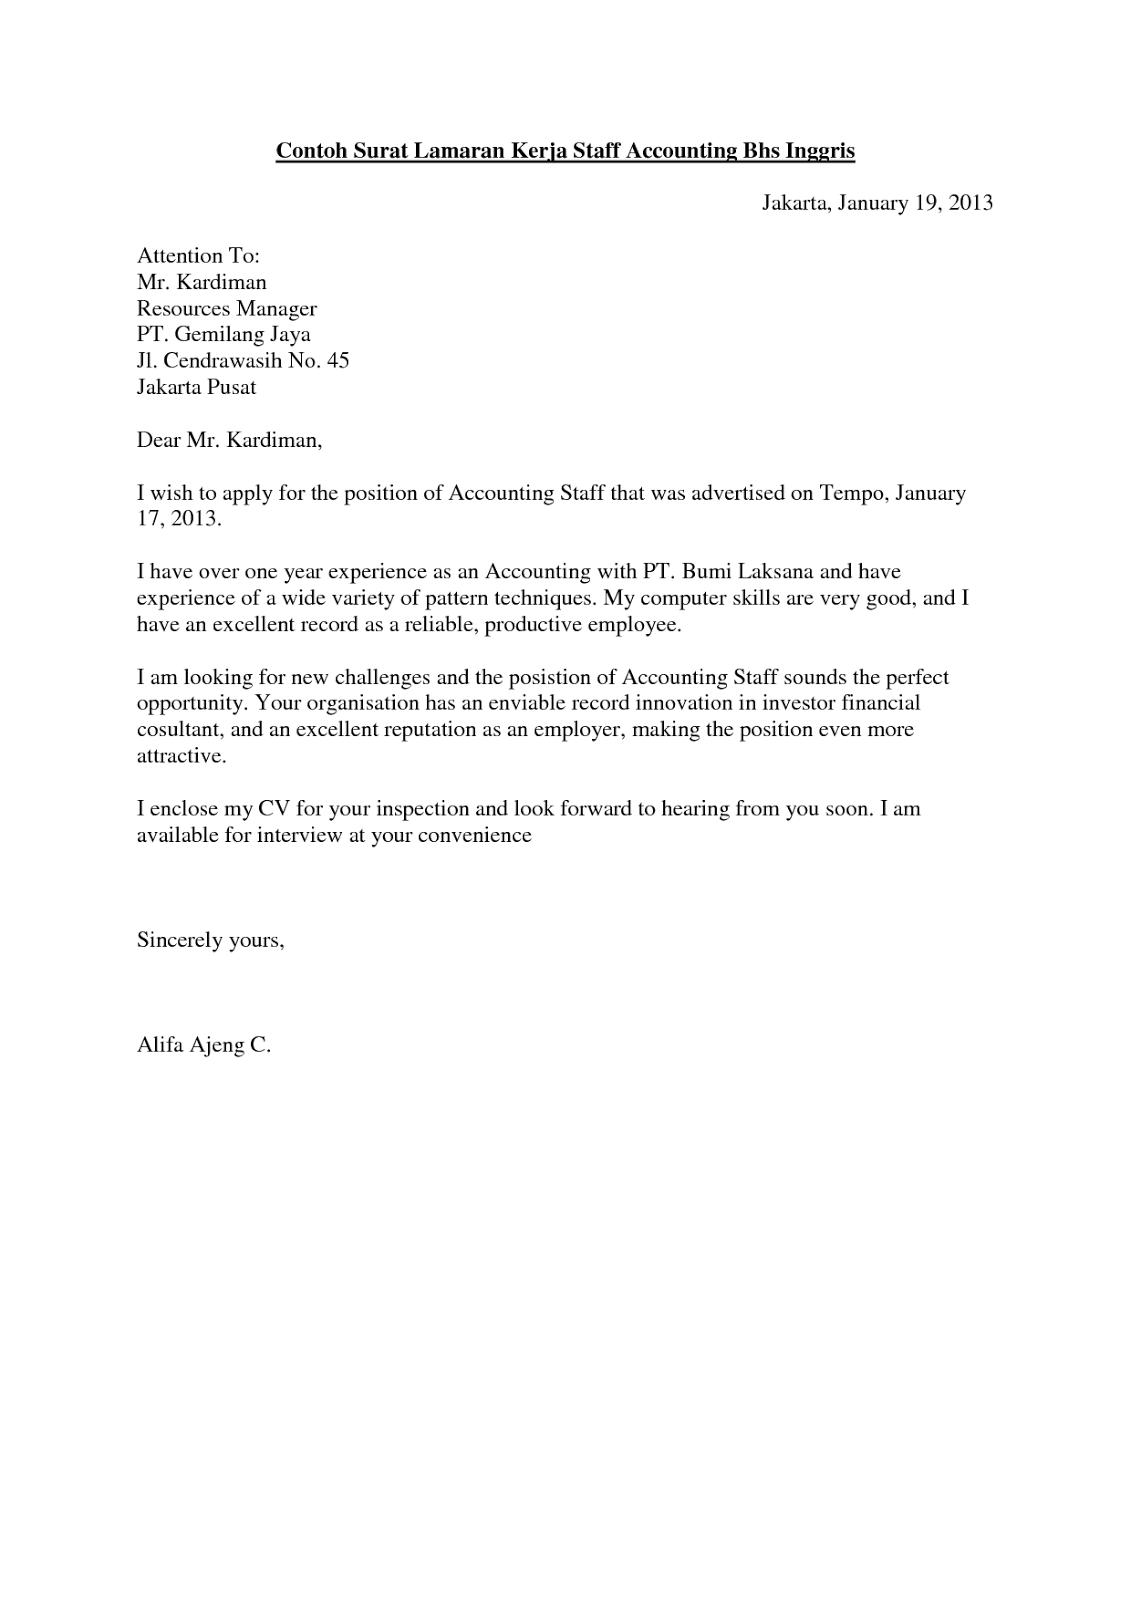 Contoh Application Letter Bahasa Inggris Terbaru Cover Lbartman